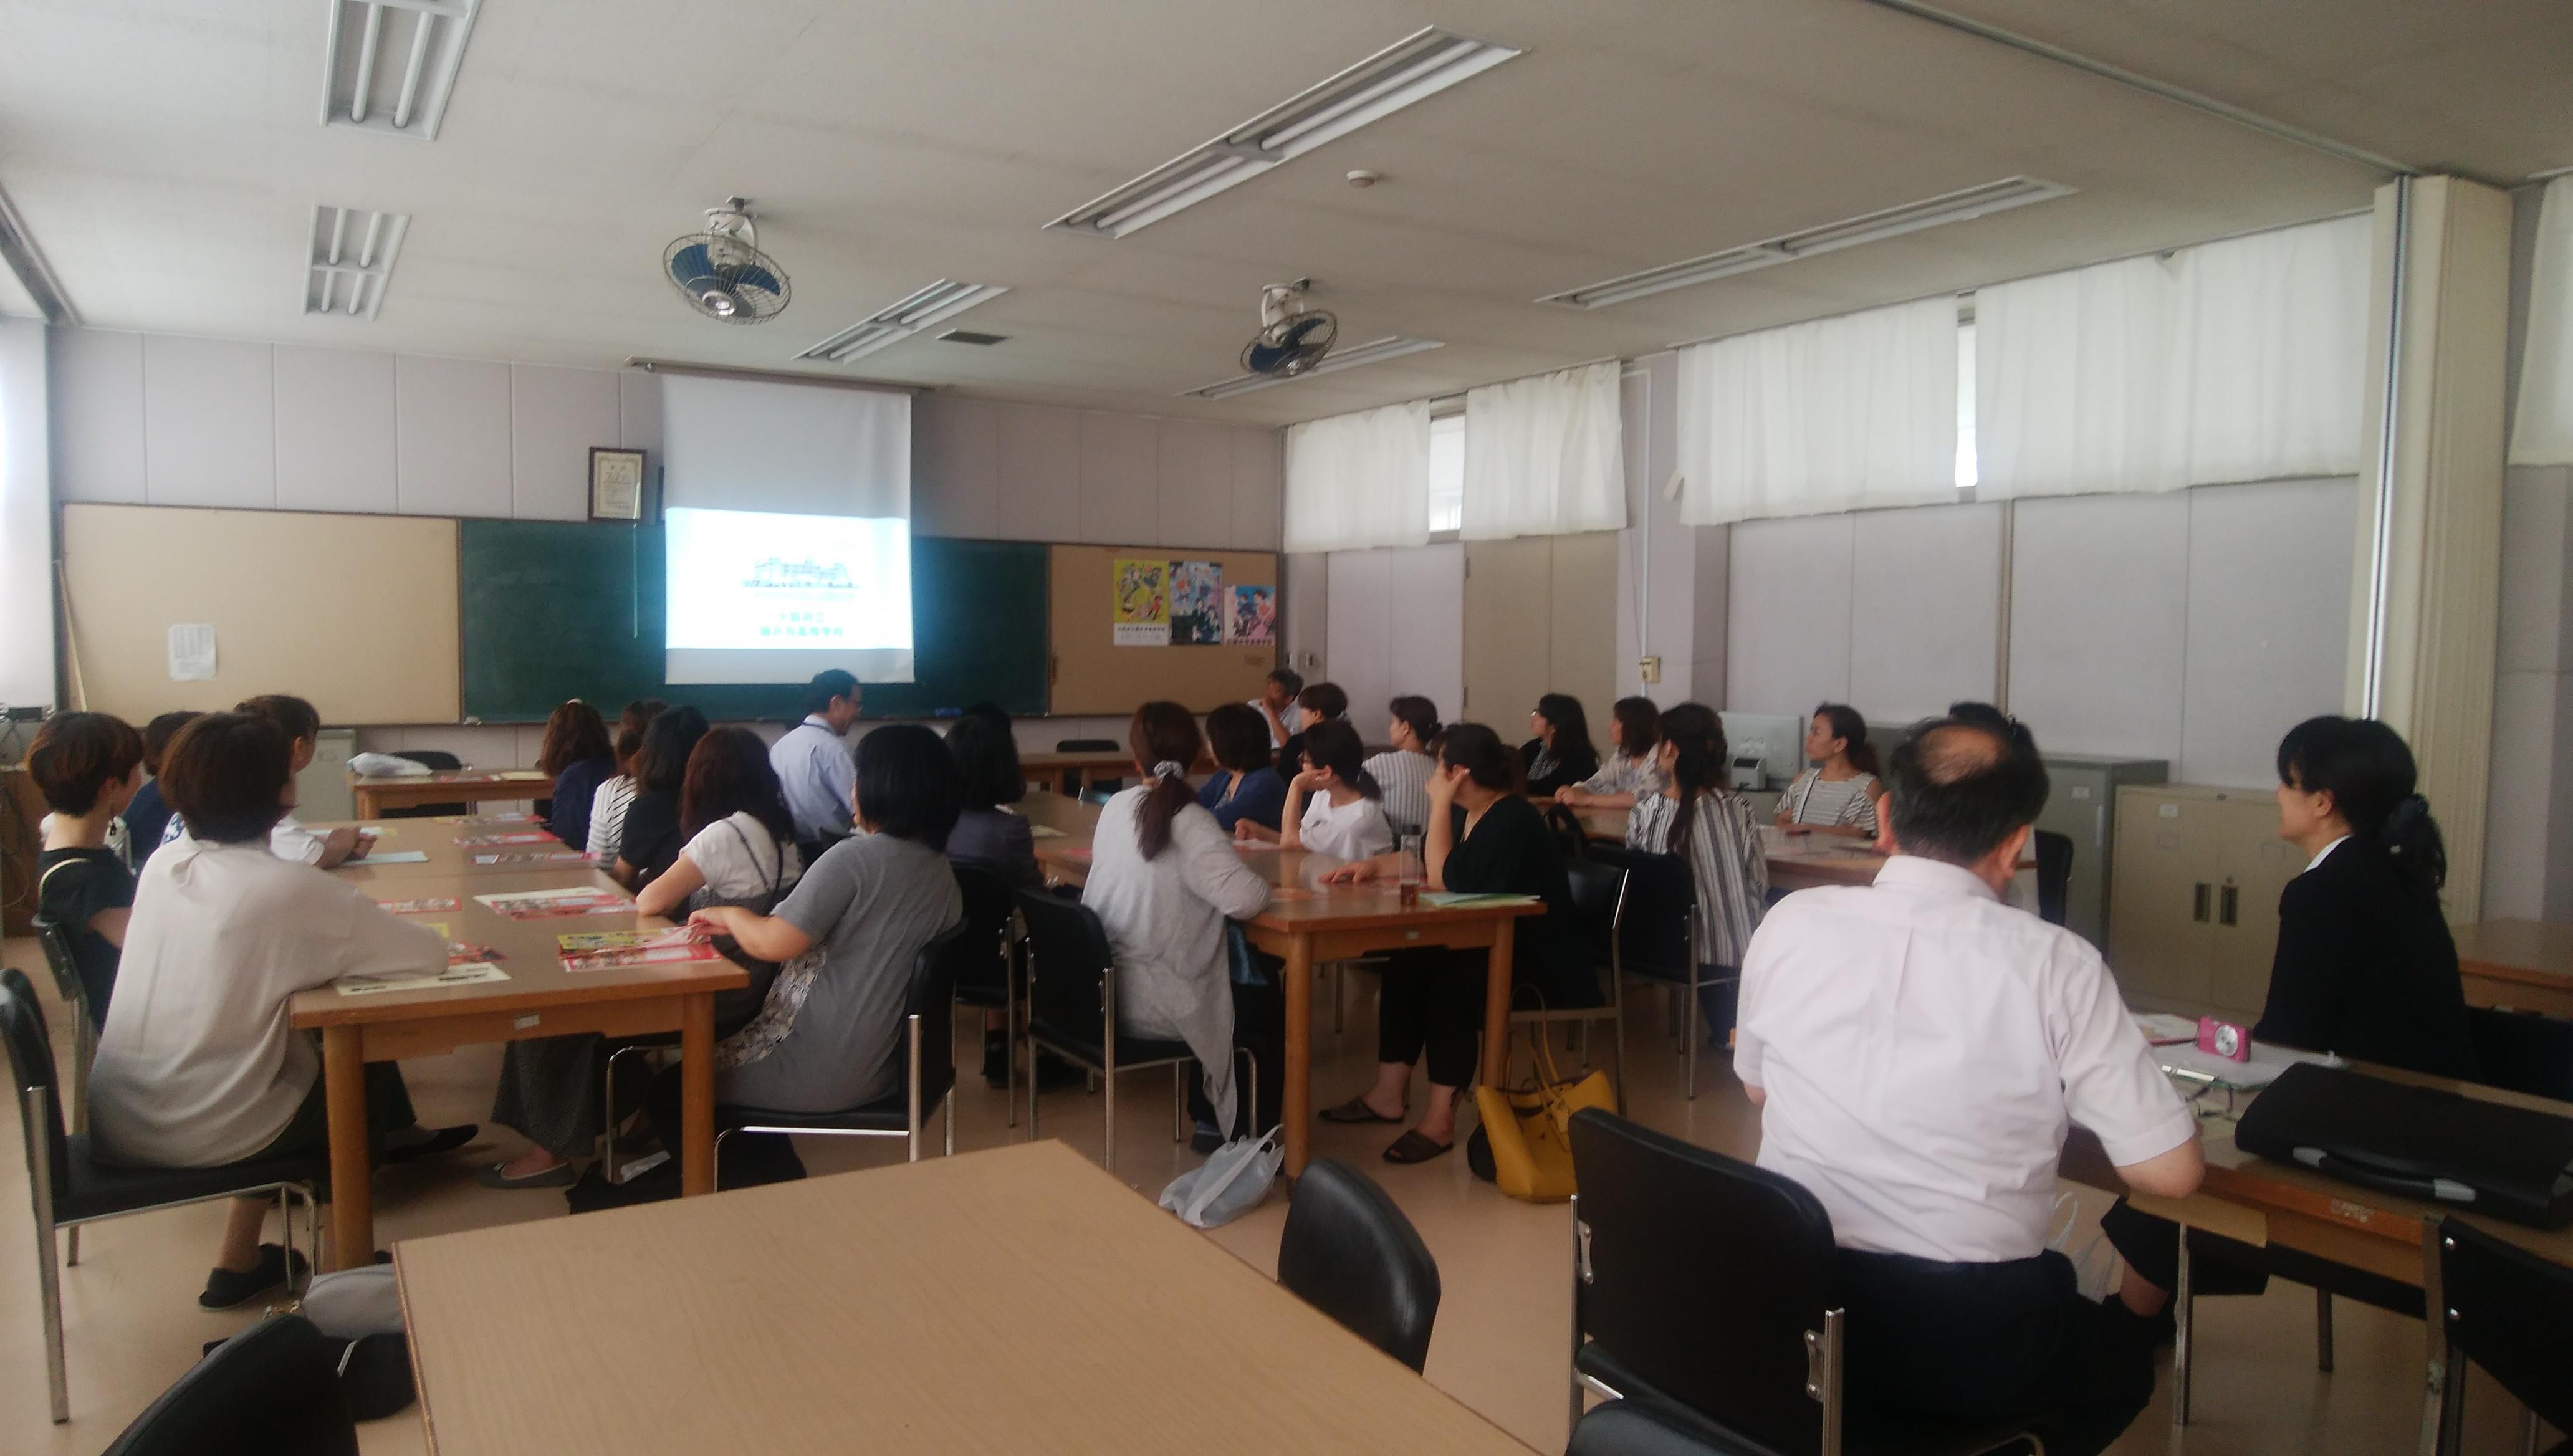 松原 第 五 中学校